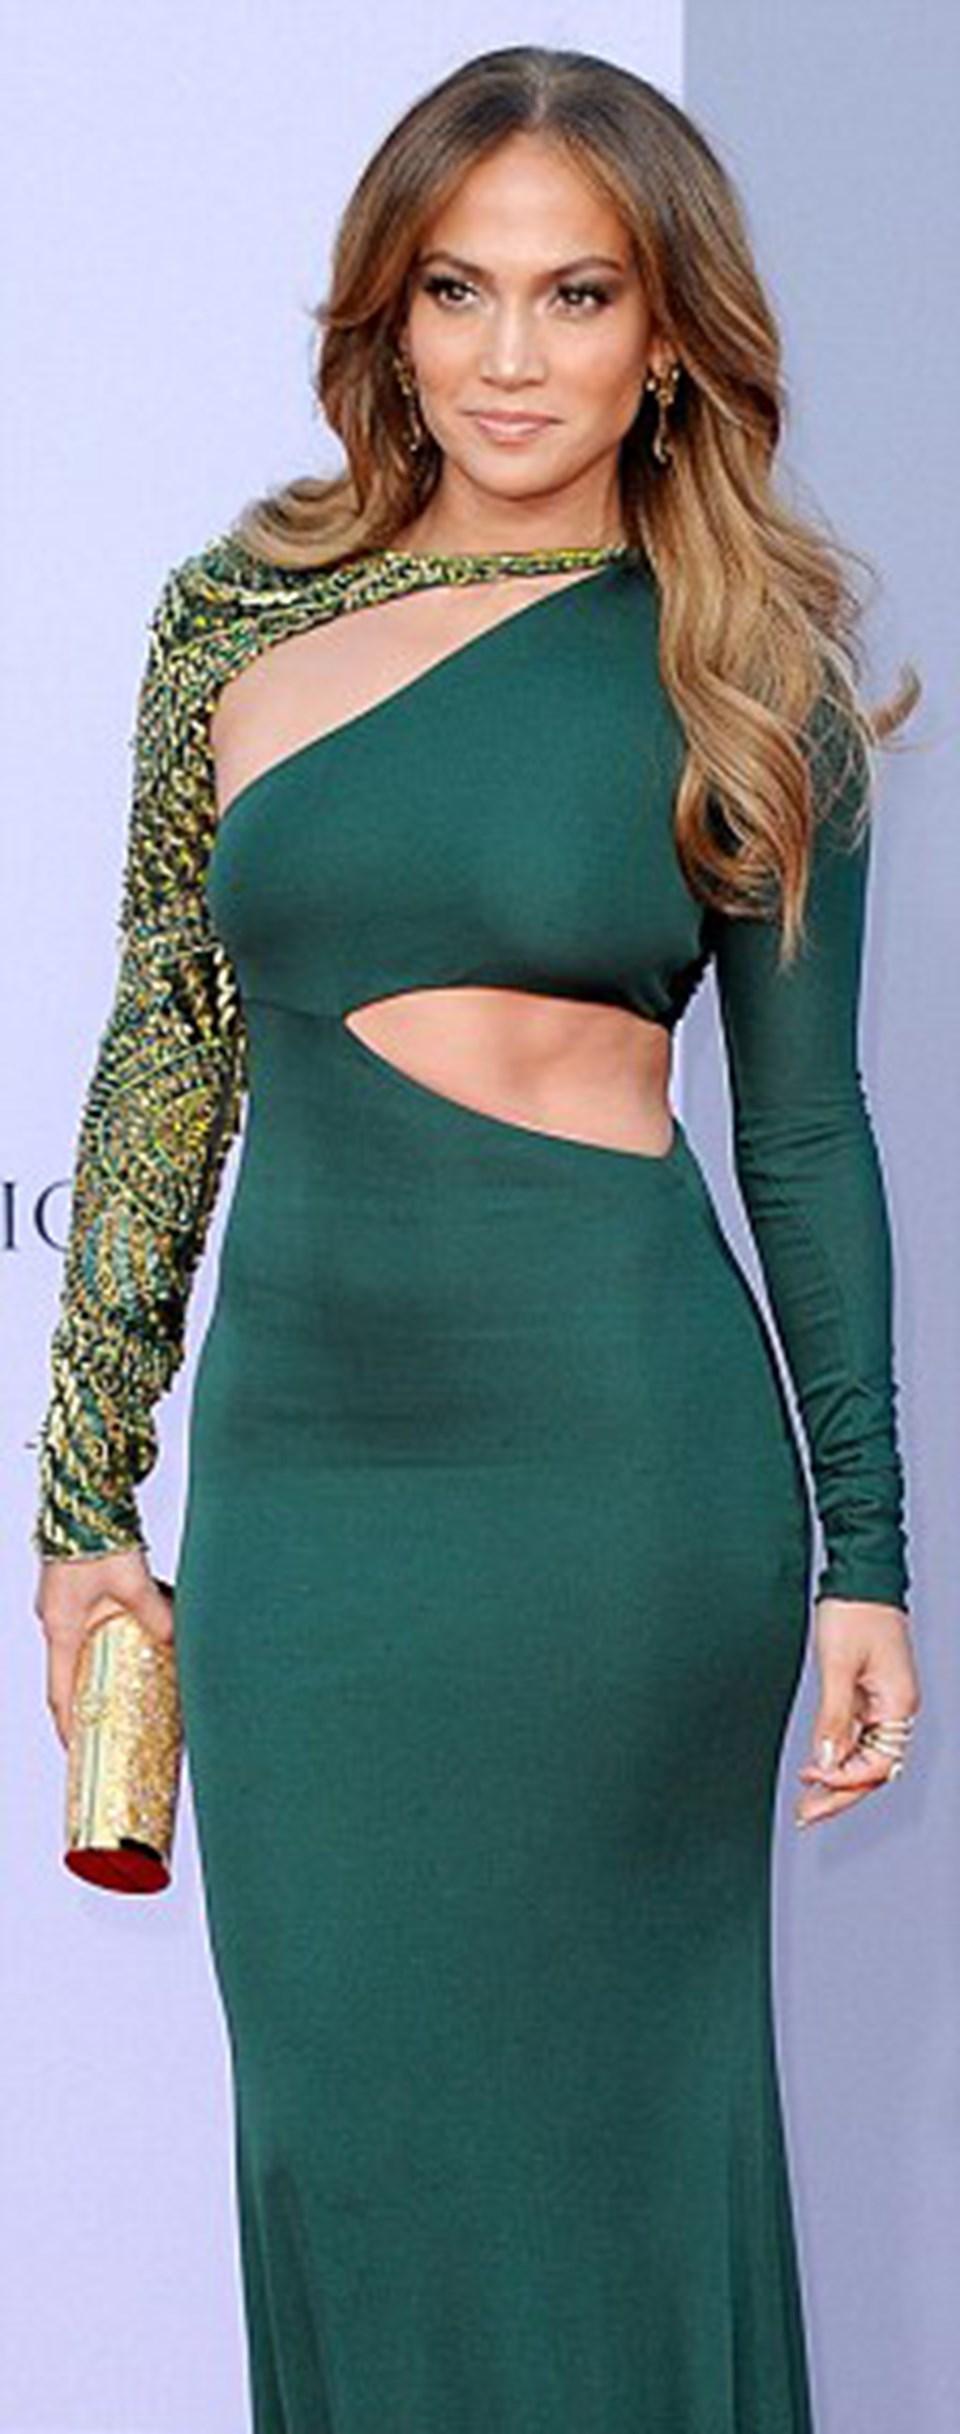 Dukan'ın diyetini kullananlardan biri de 'J.Lo'